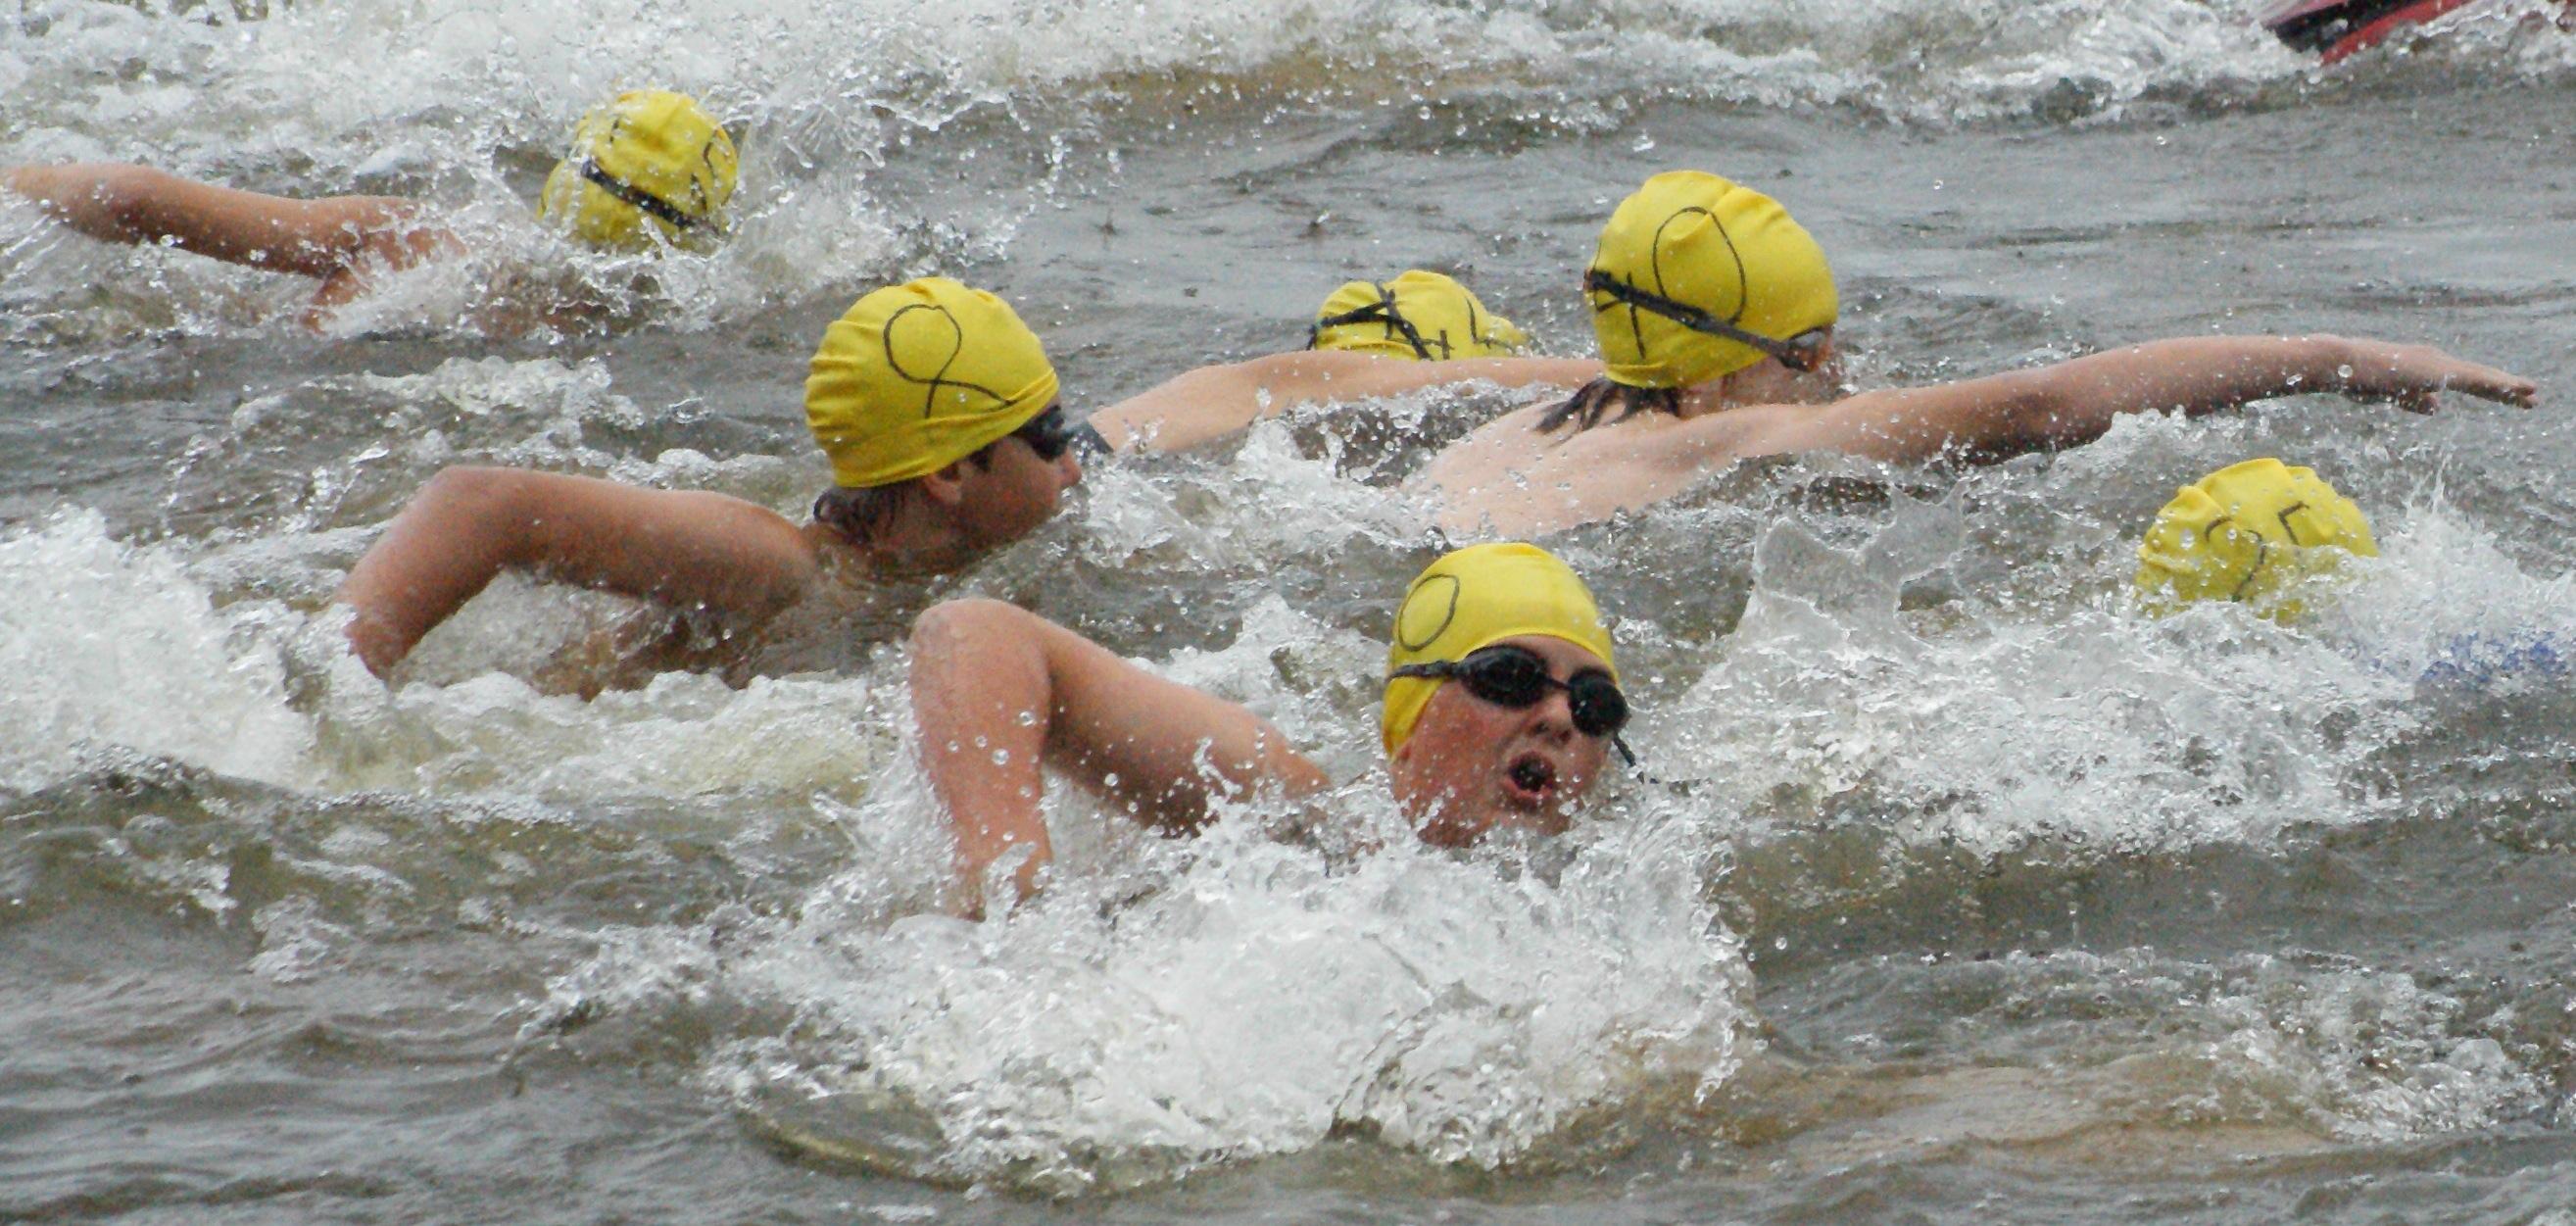 Rajd Pływacki odbędzie się tradycyjnie w wodach Małego Jezioraka